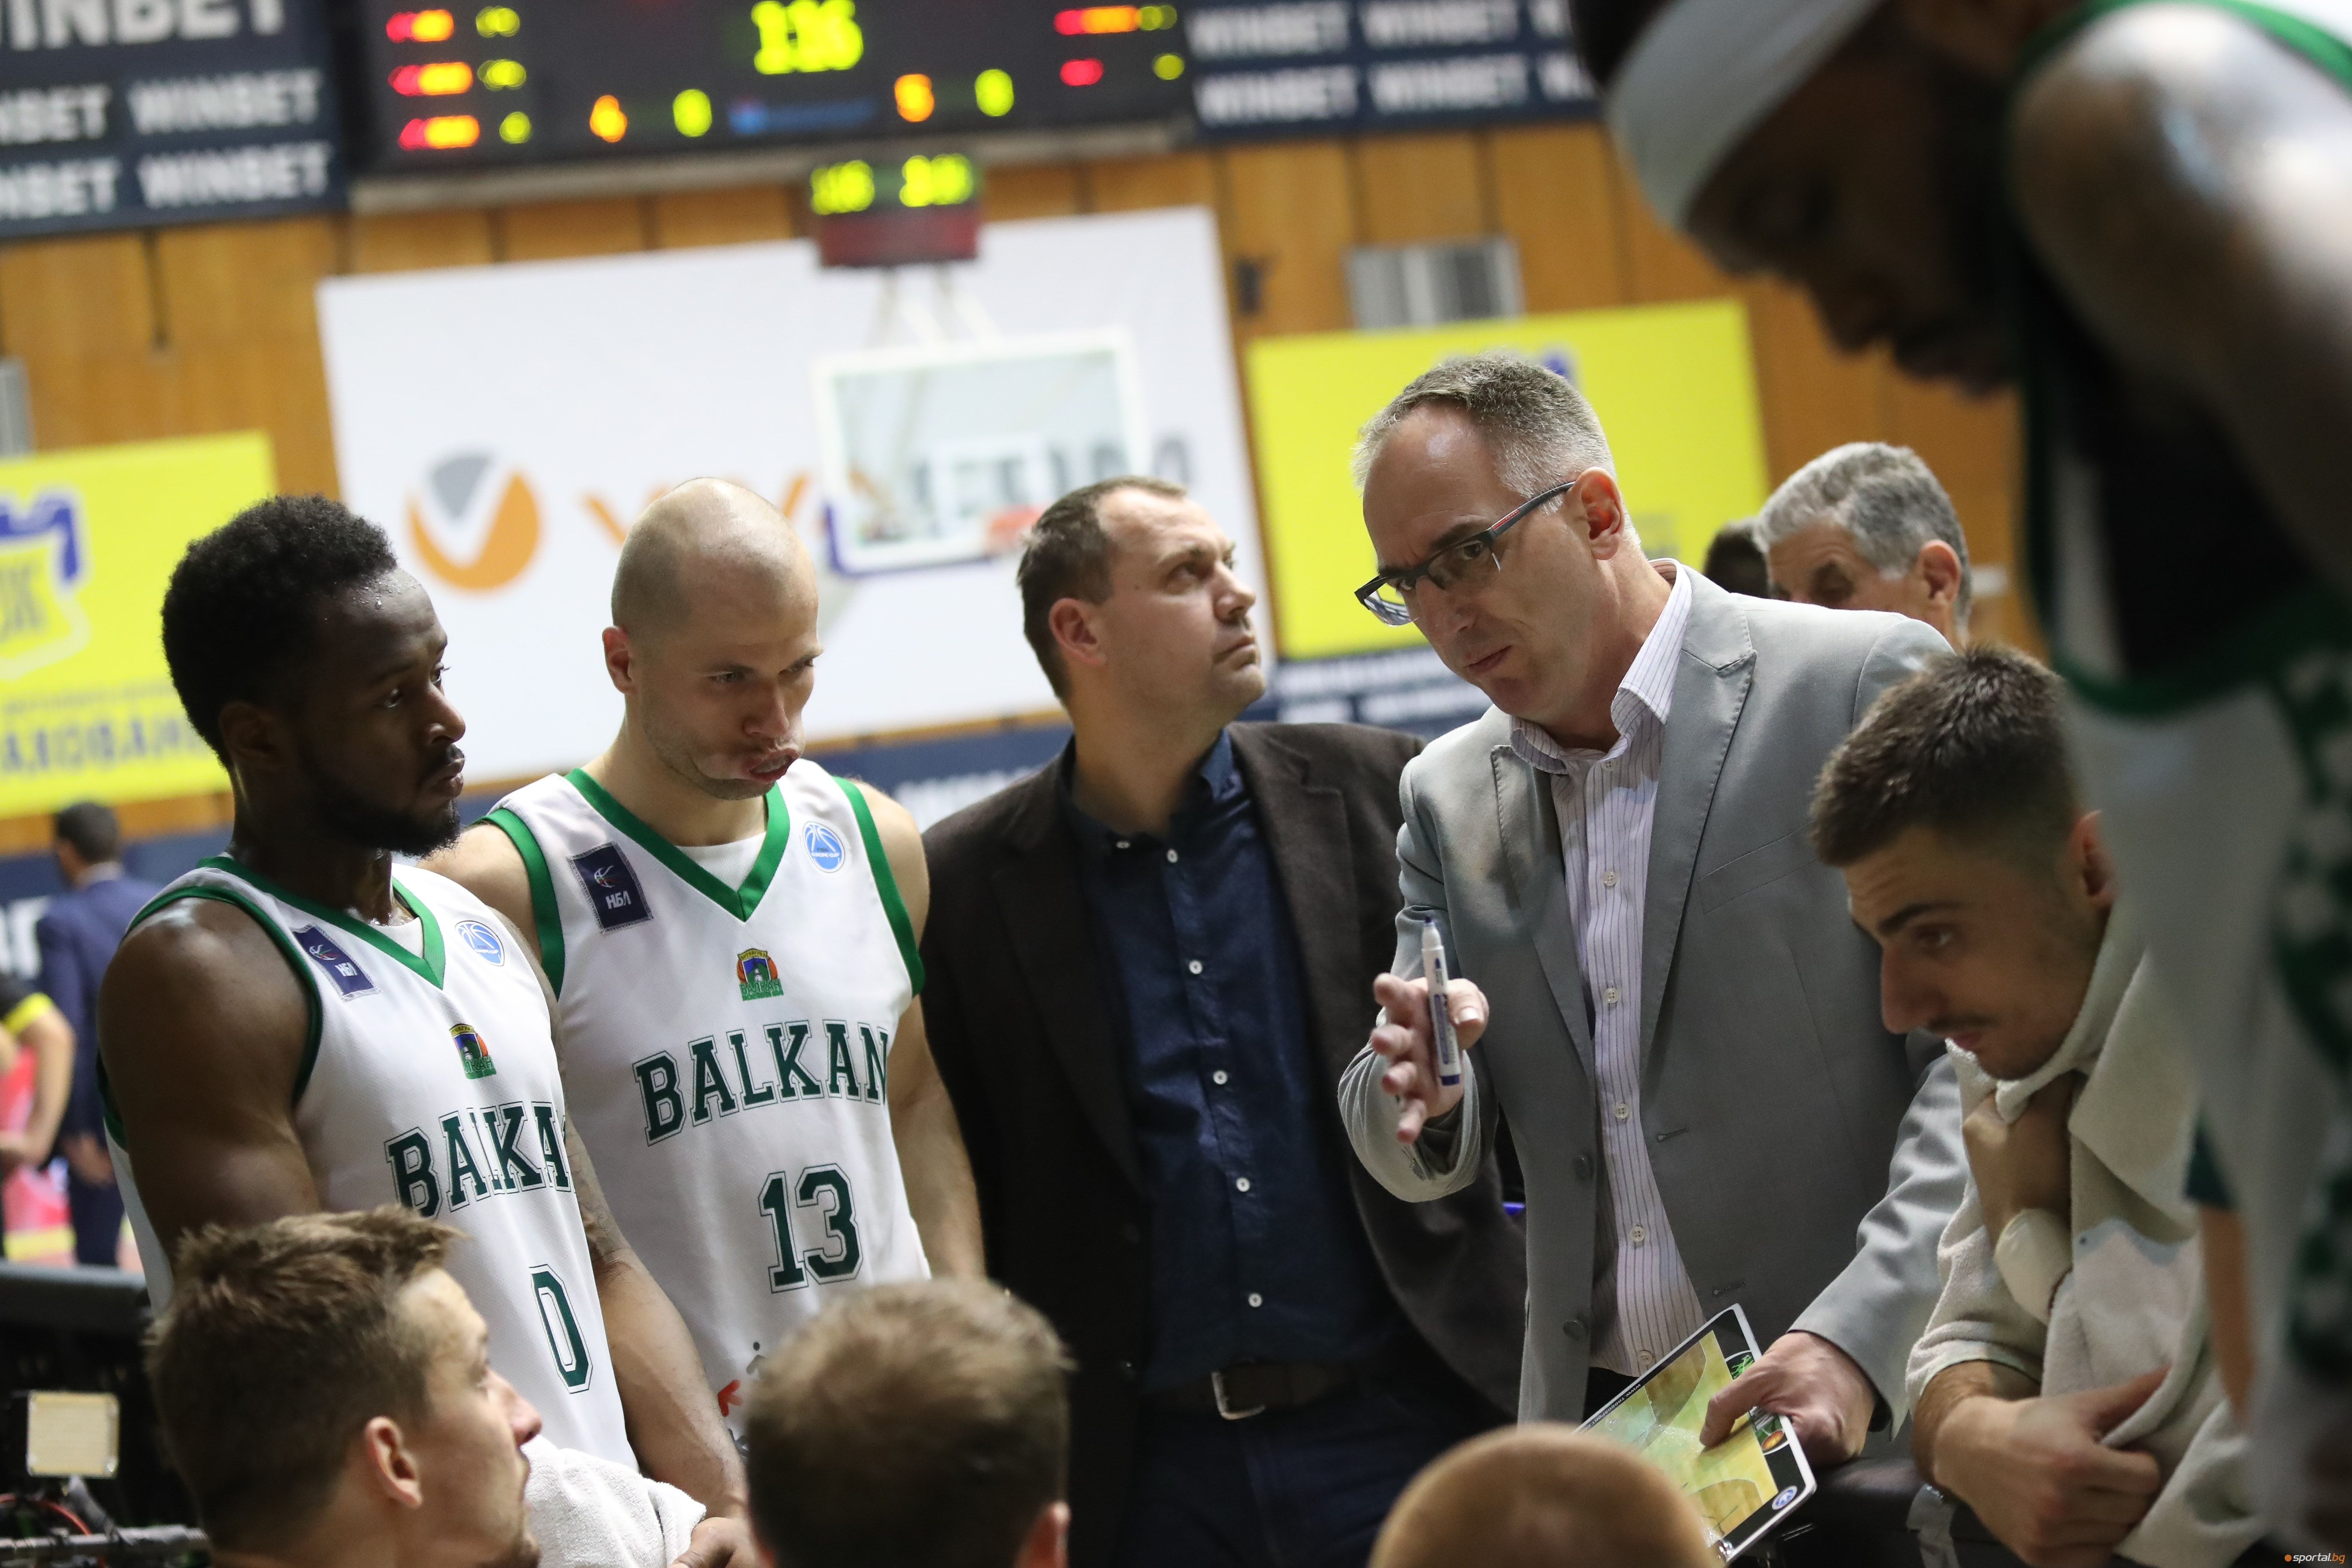 Действащият шампион на България Балкан (Ботевград) ще се изправи срещу